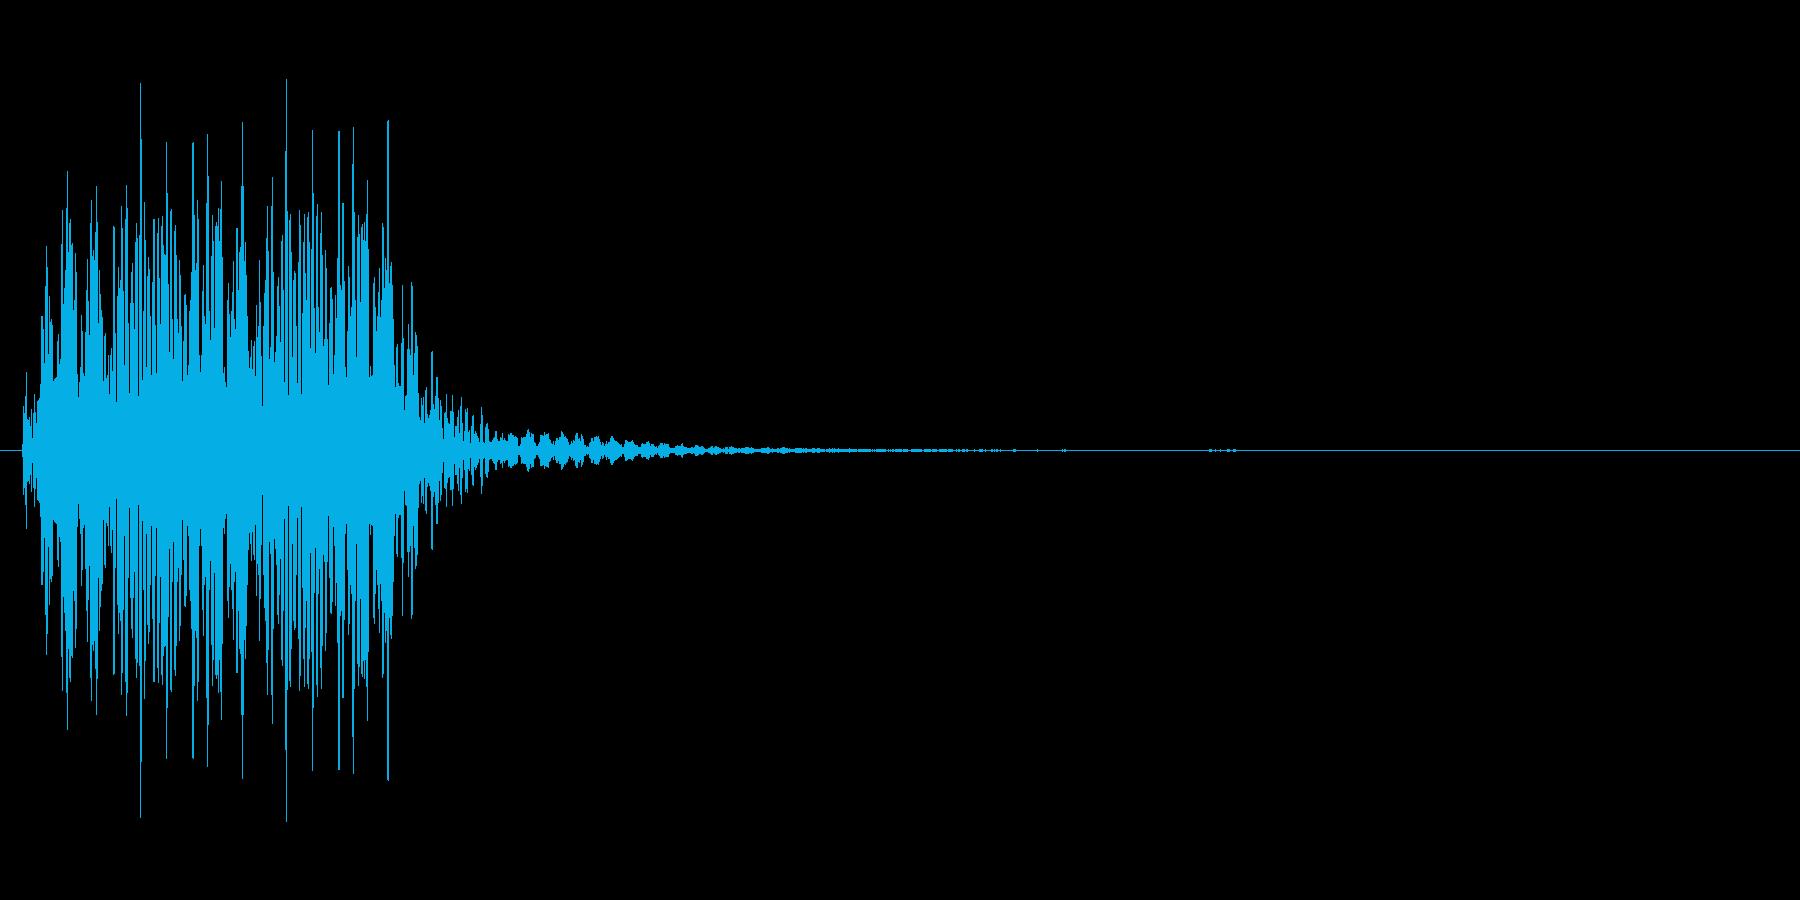 尻尾を振るようなカートゥーン系効果音の再生済みの波形